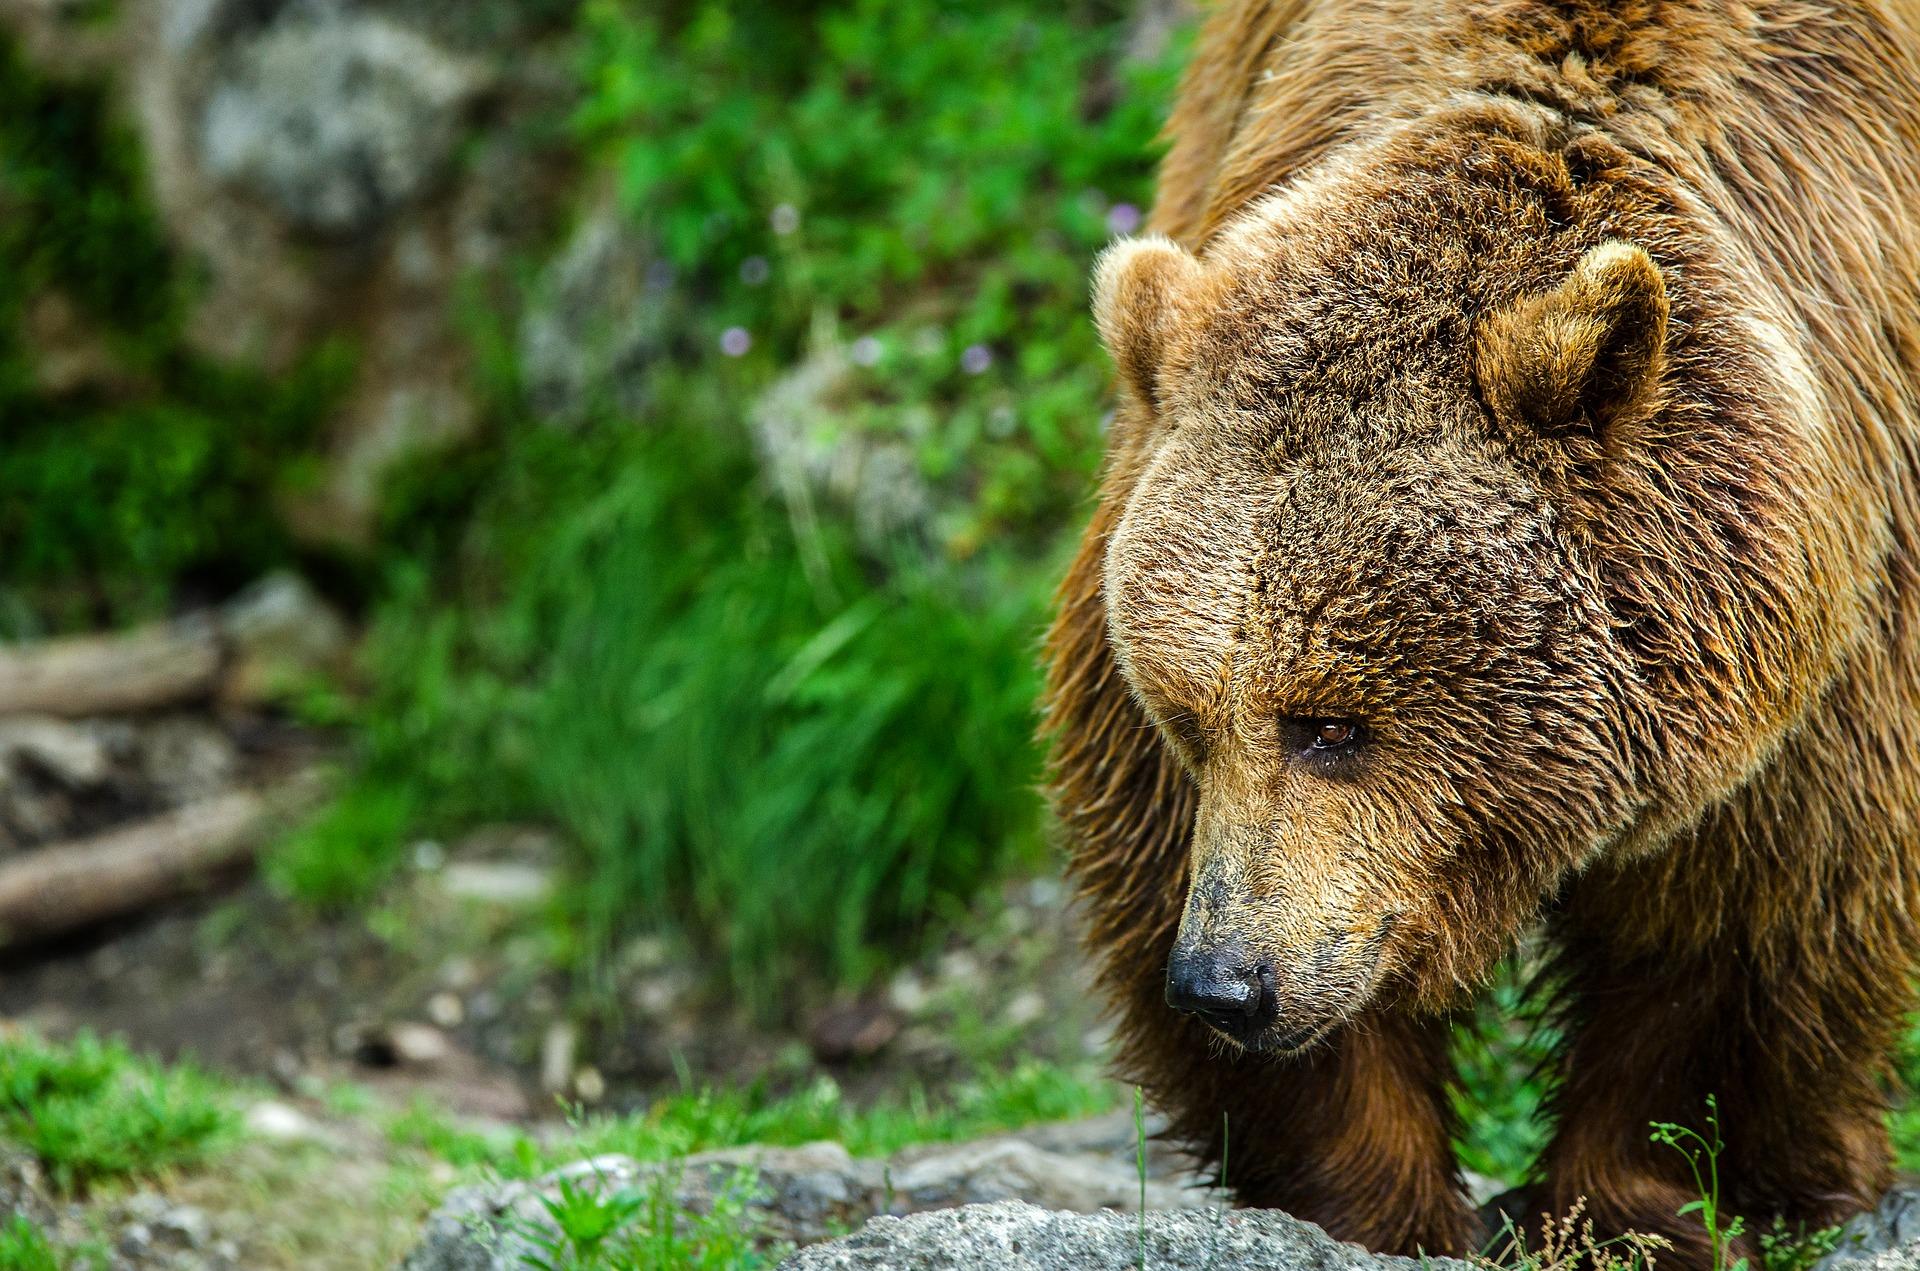 Braunbär, Begegnung mit Bären - Verhaltensregeln, Jagdfakten.at